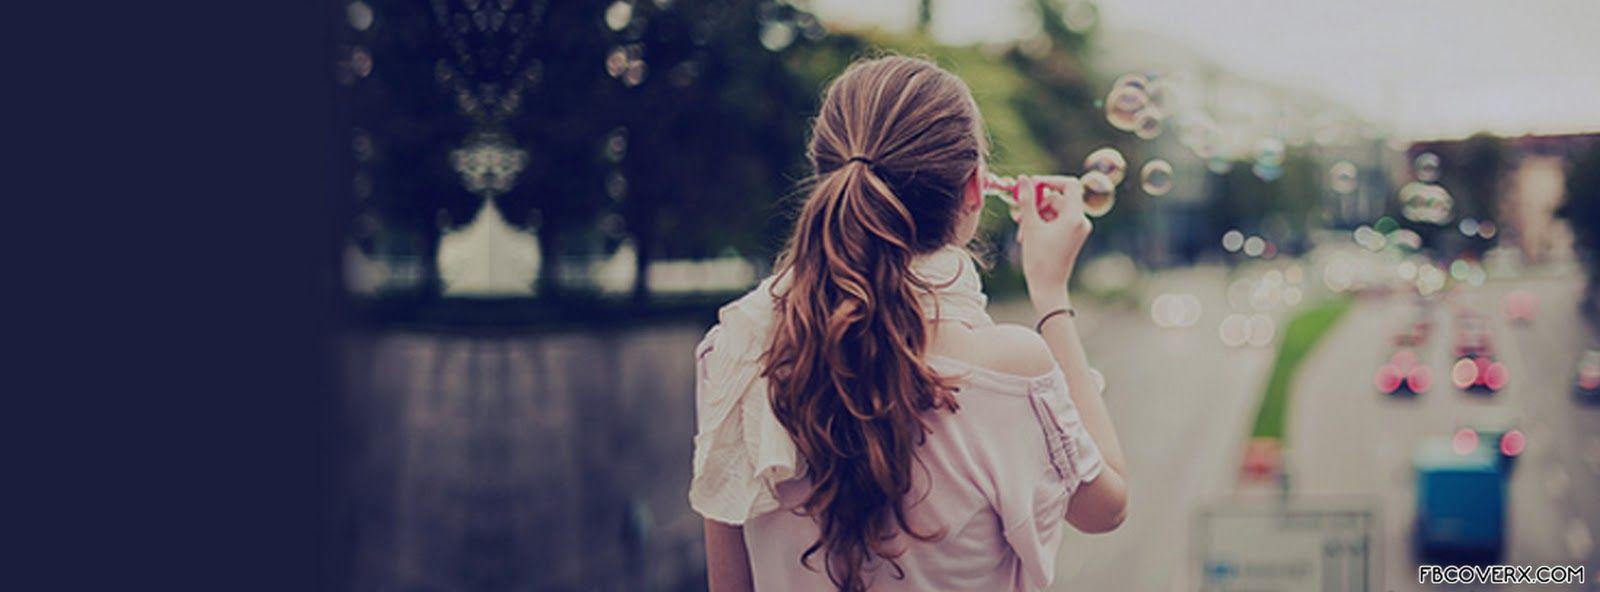 أغلفة فيس بوك للبنات مجموعة اغلفة فيس بناتية غلاف فيس بناتي Facebook Cover Profile Picture Girly Photography